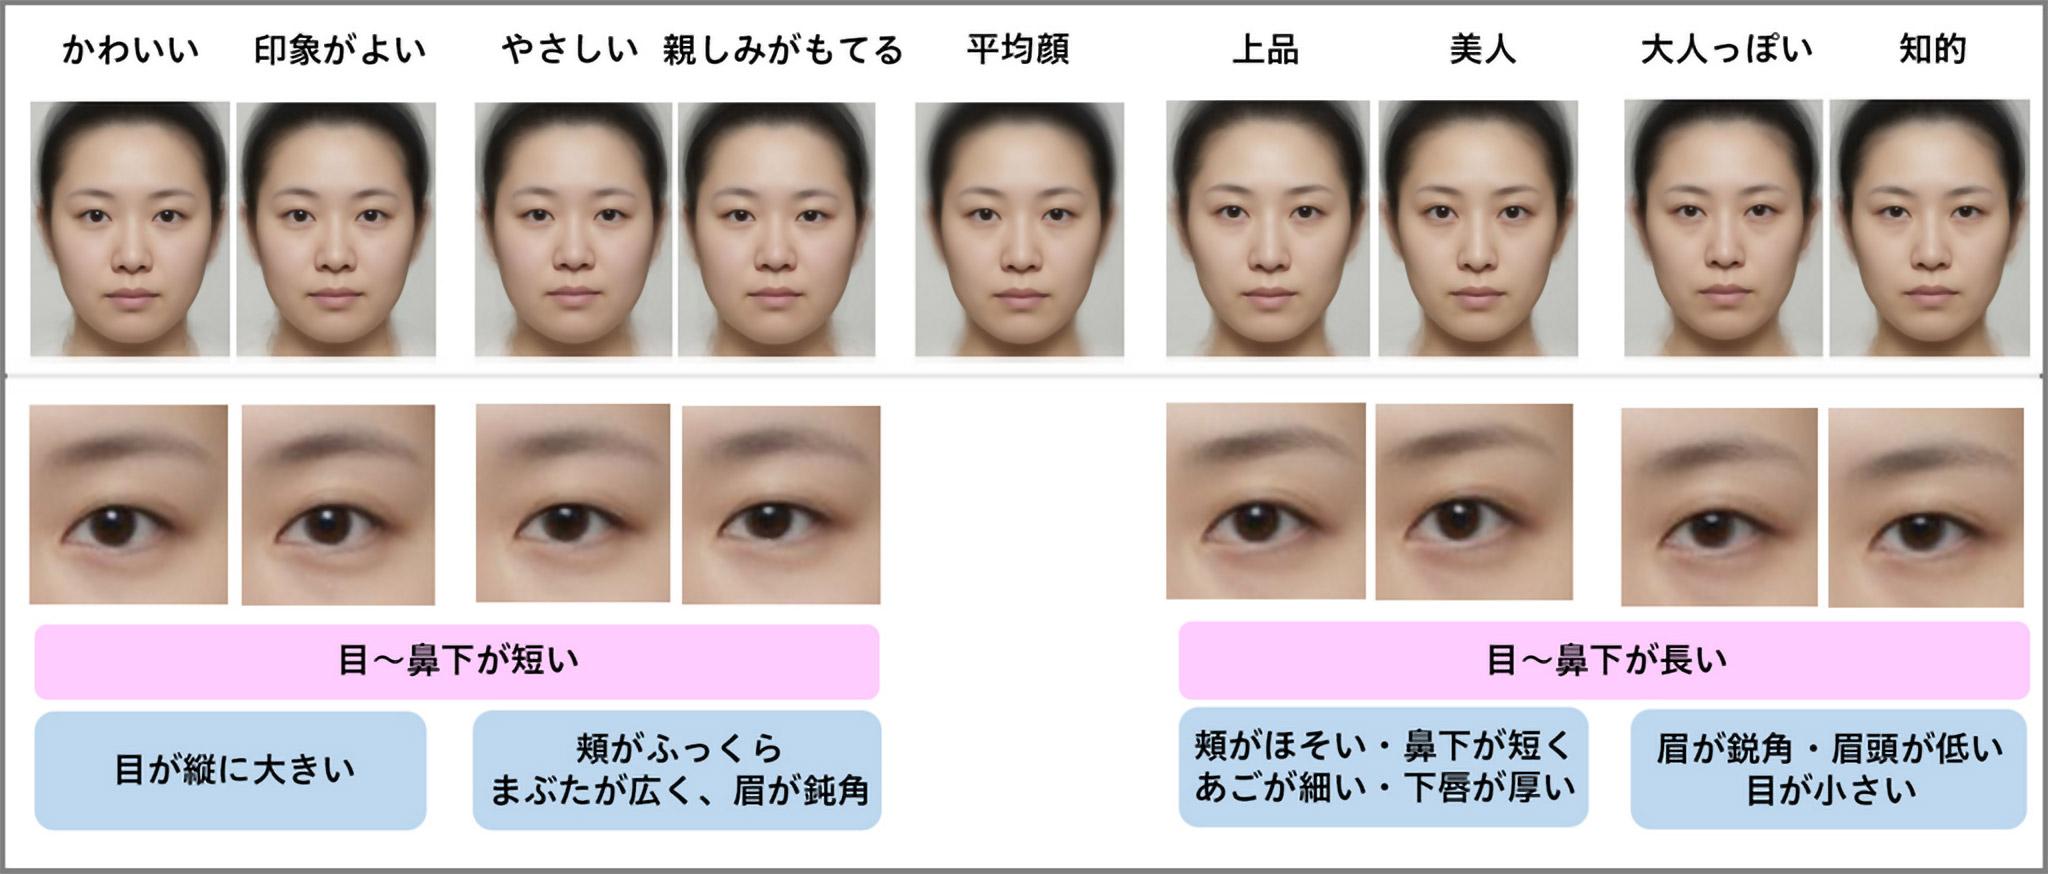 日本人女性の「平均顔」と印象による顔の特徴